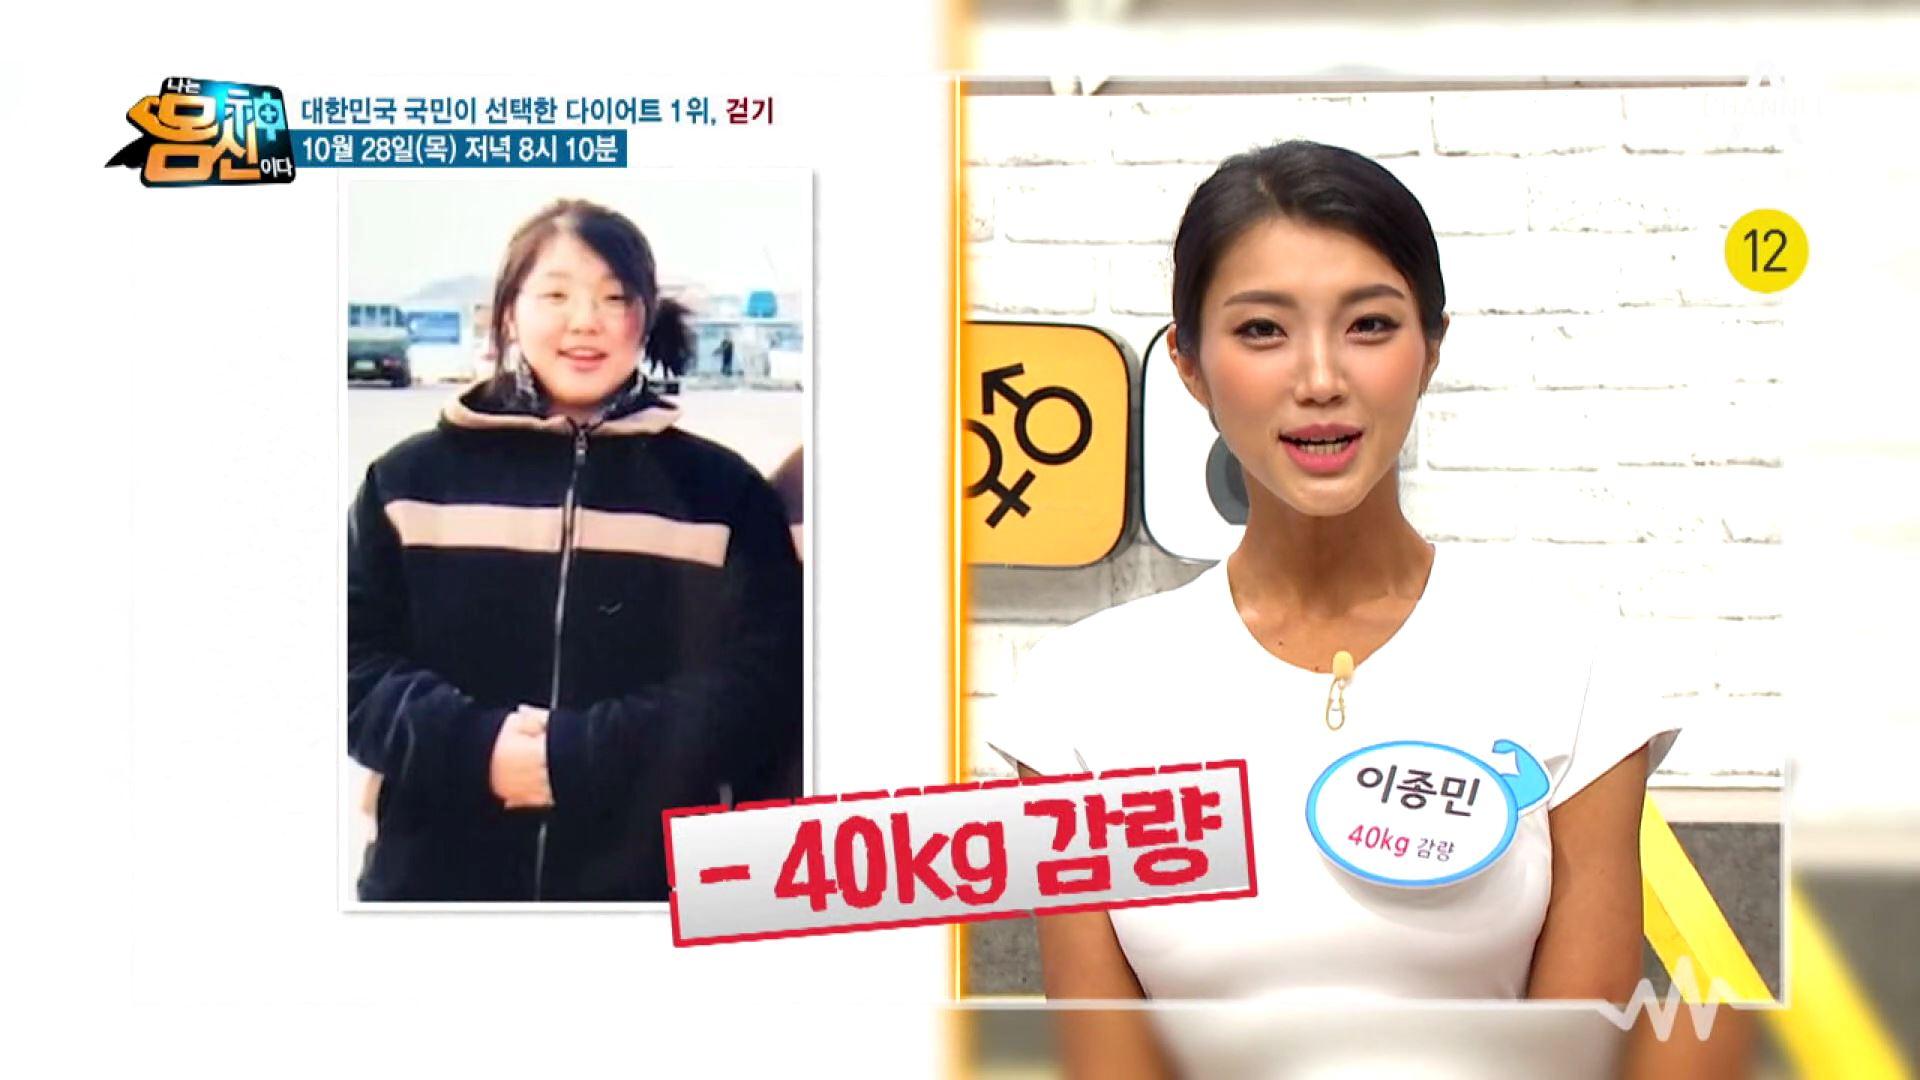 [예고] 걷기만 해도 최대 40kg까지 감량?! 걷기의 특별한 비밀은 무엇? 이미지